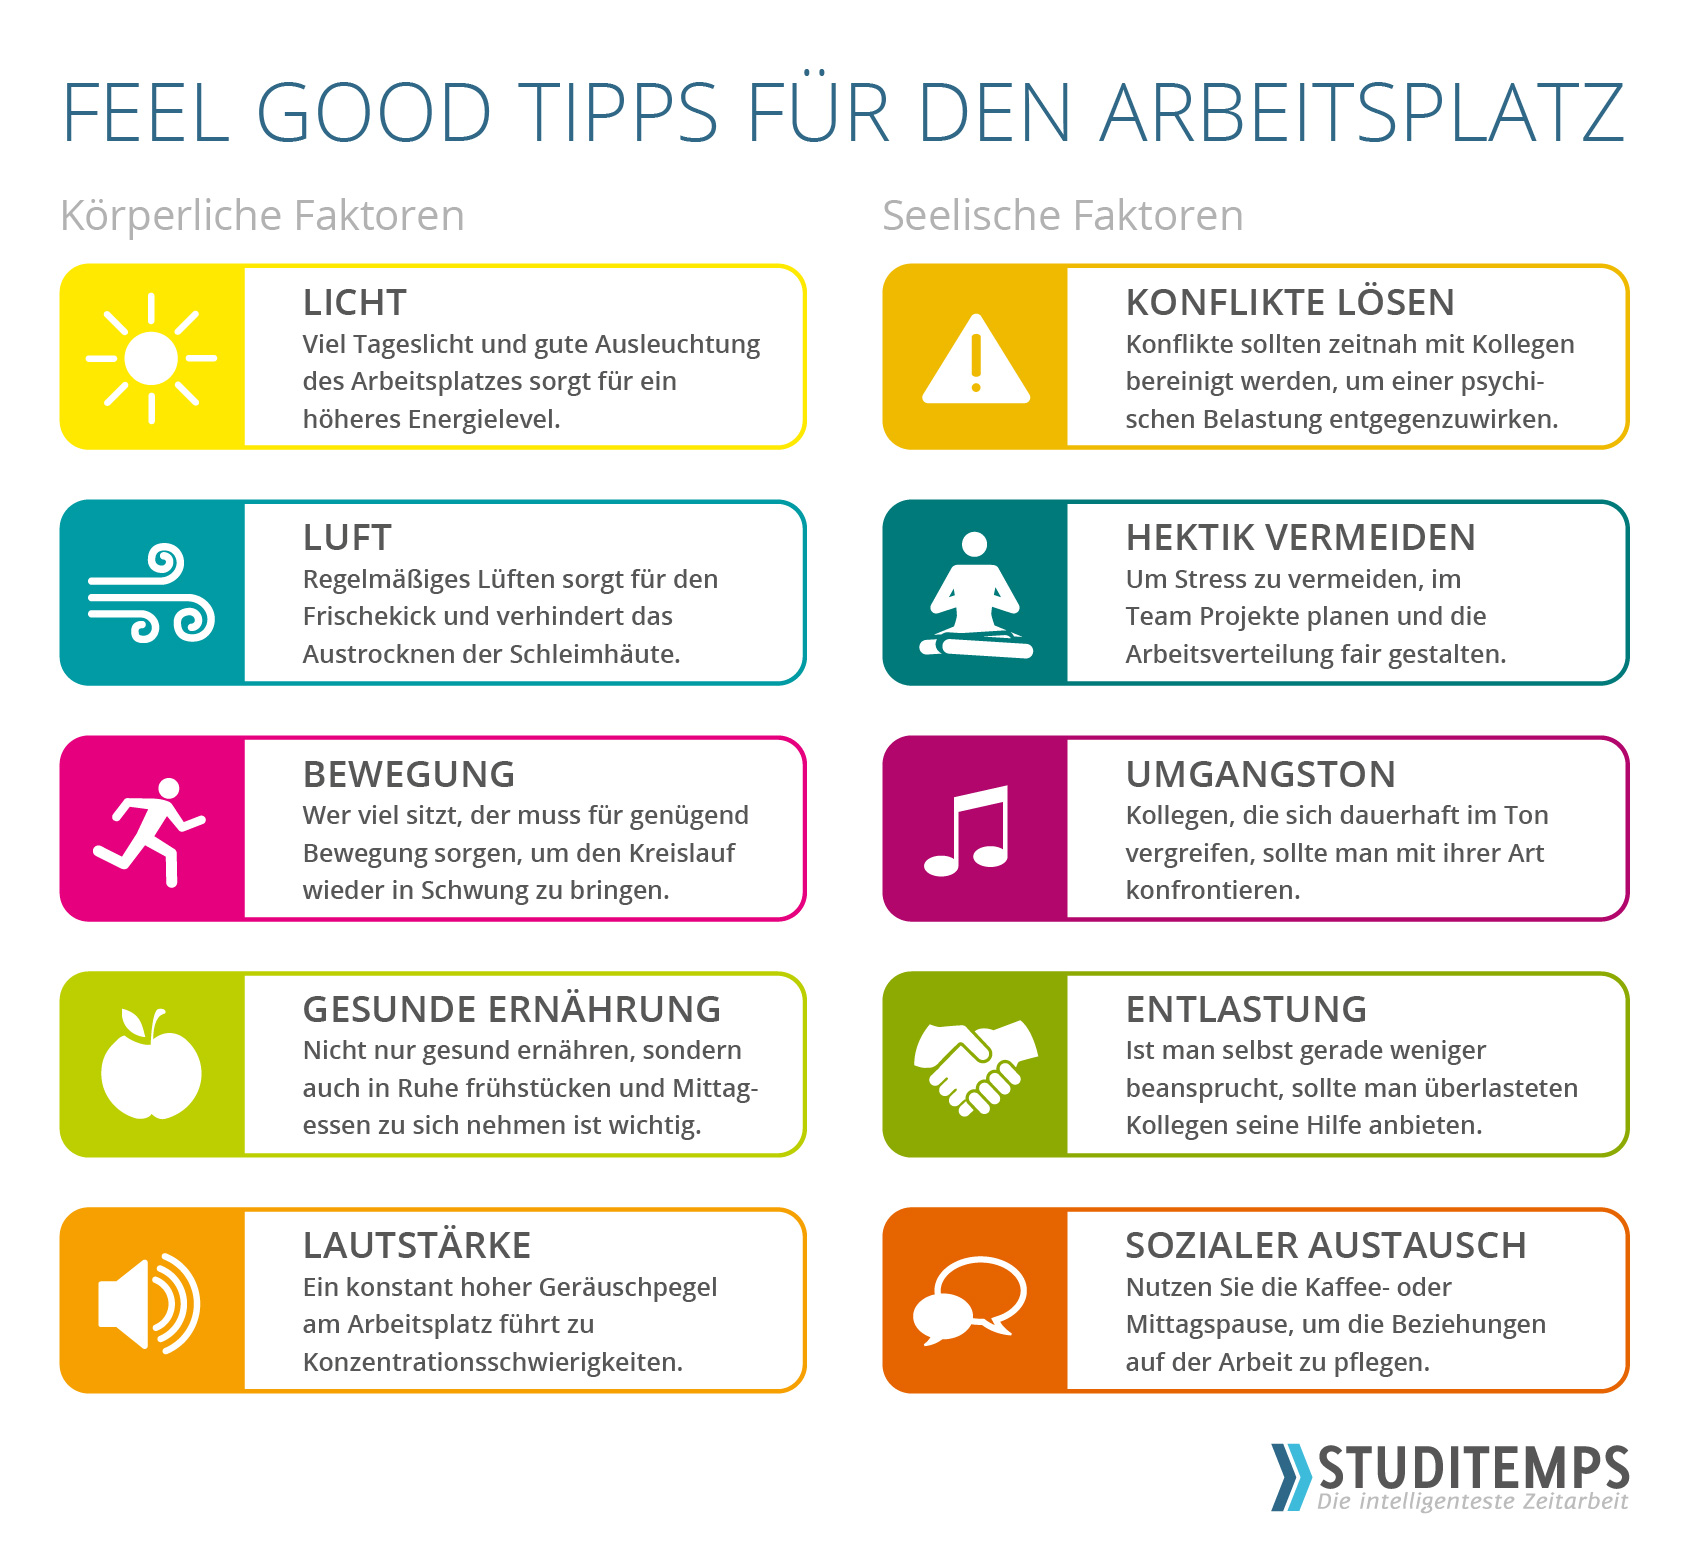 Feel Good Tipps für den Arbeitsplatz